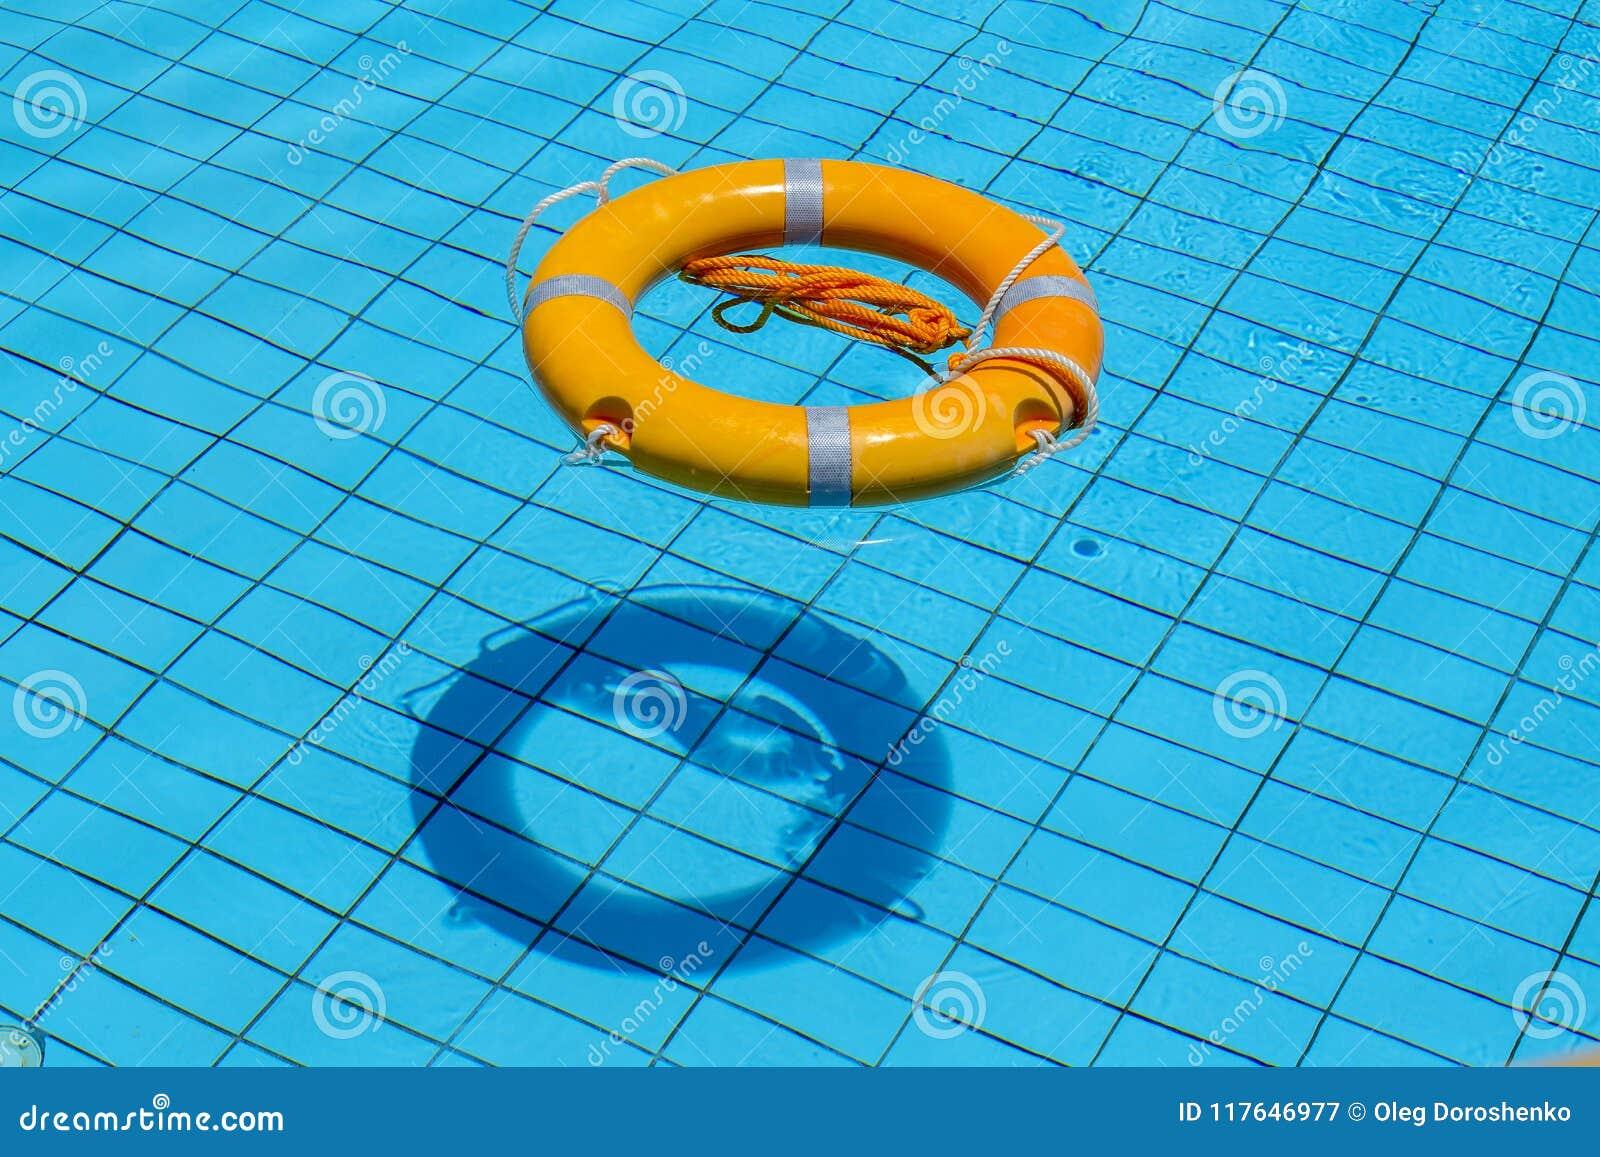 Reddingsboei die bovenop zonnig blauw water in zwembad drijven